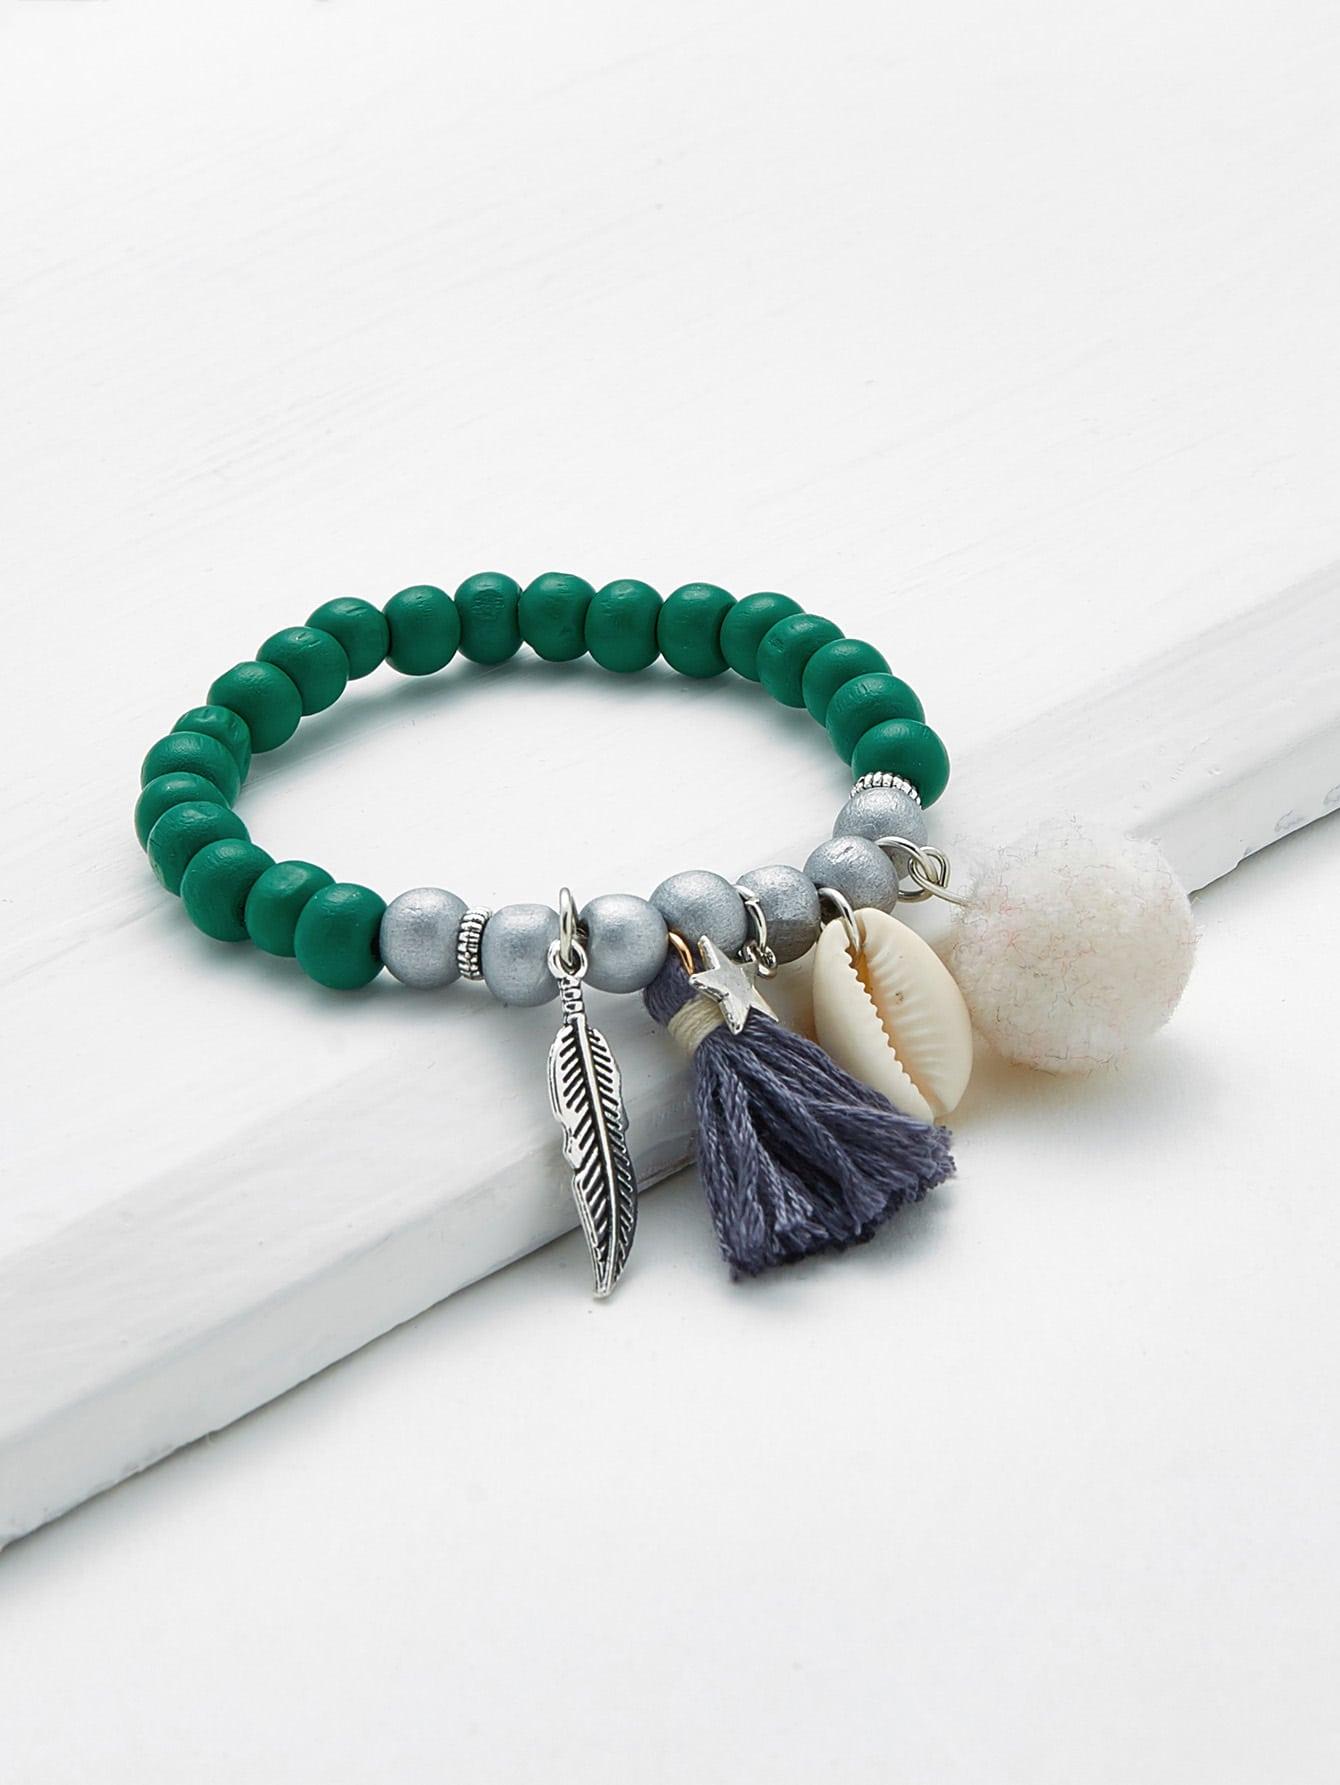 Leaf & Shell Design Beaded Charm Bracelet